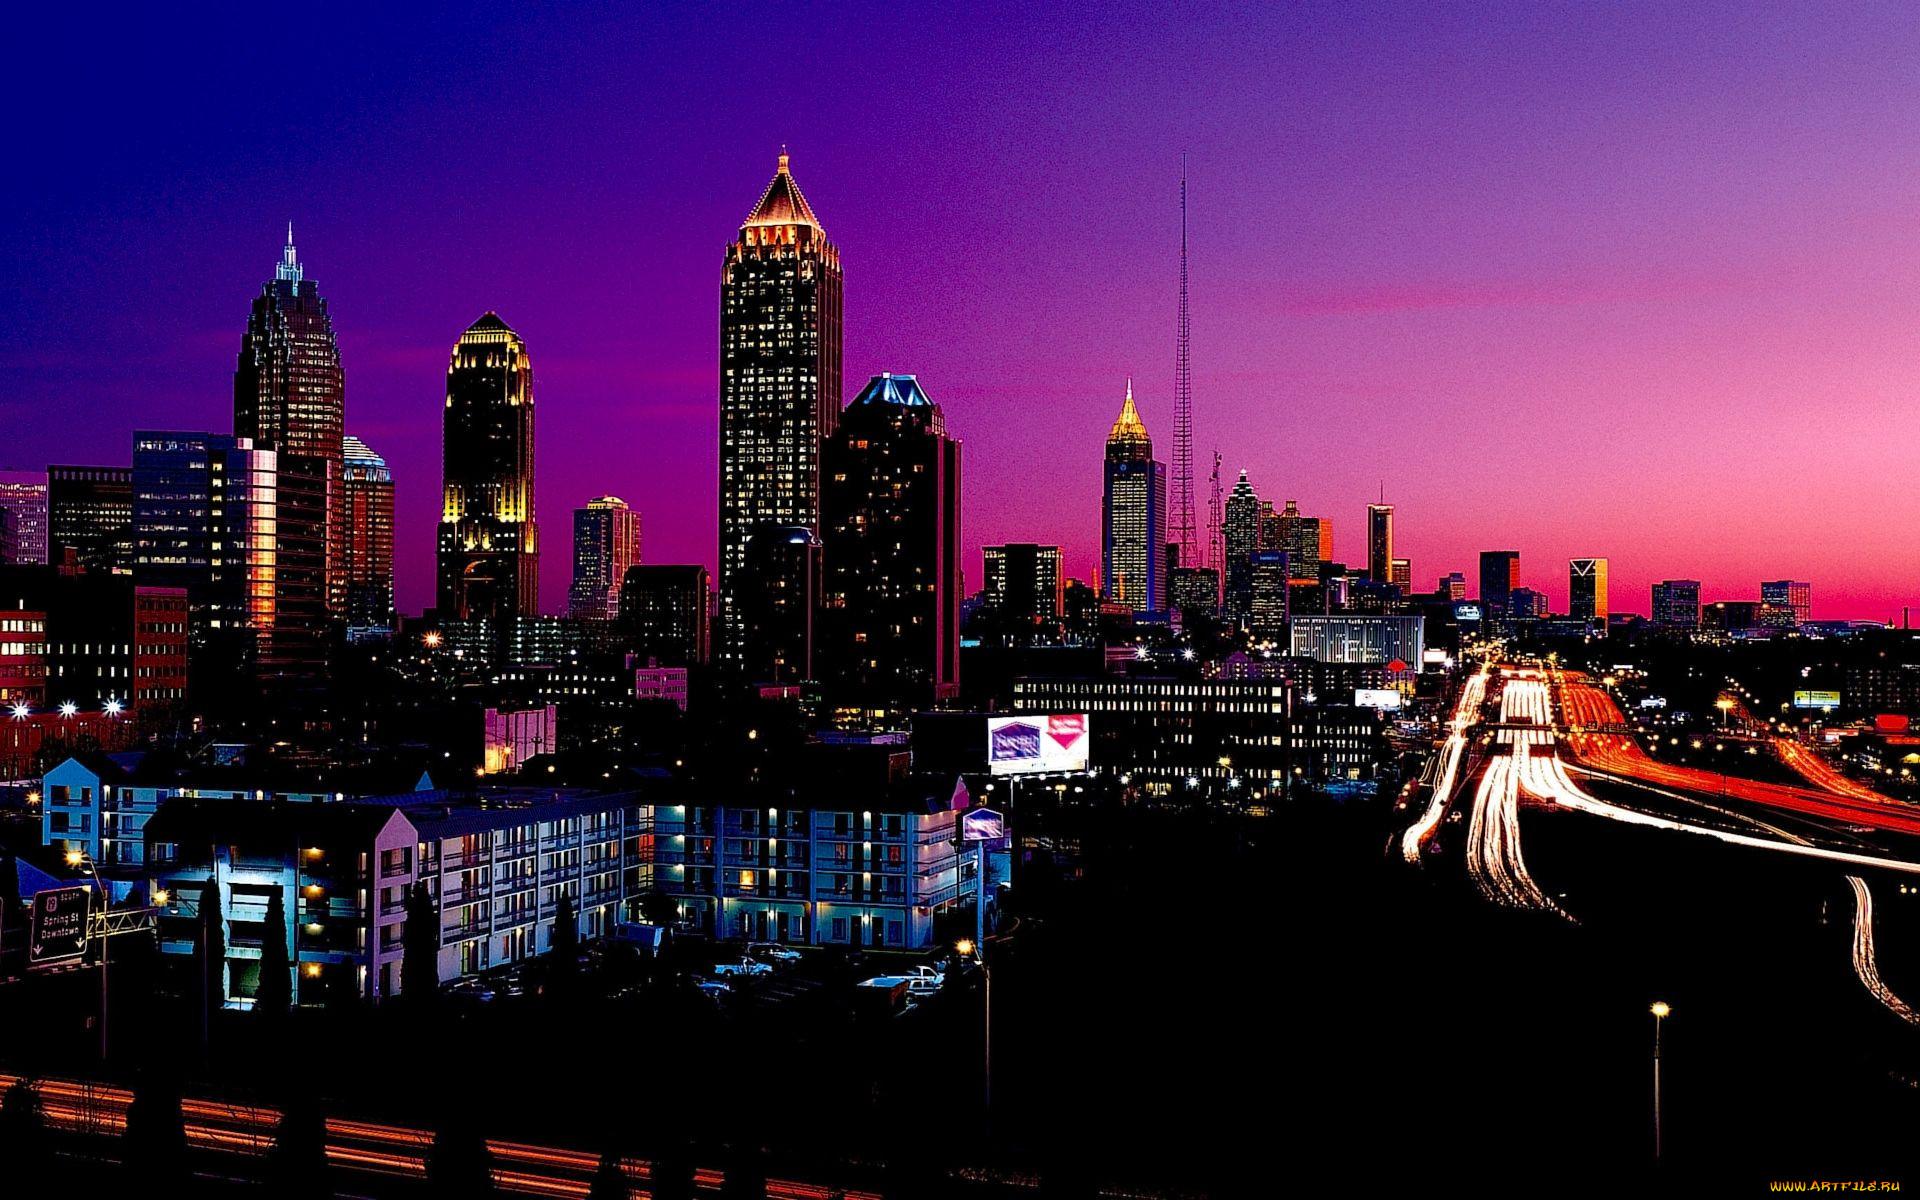 Картинки на телефон город ночью